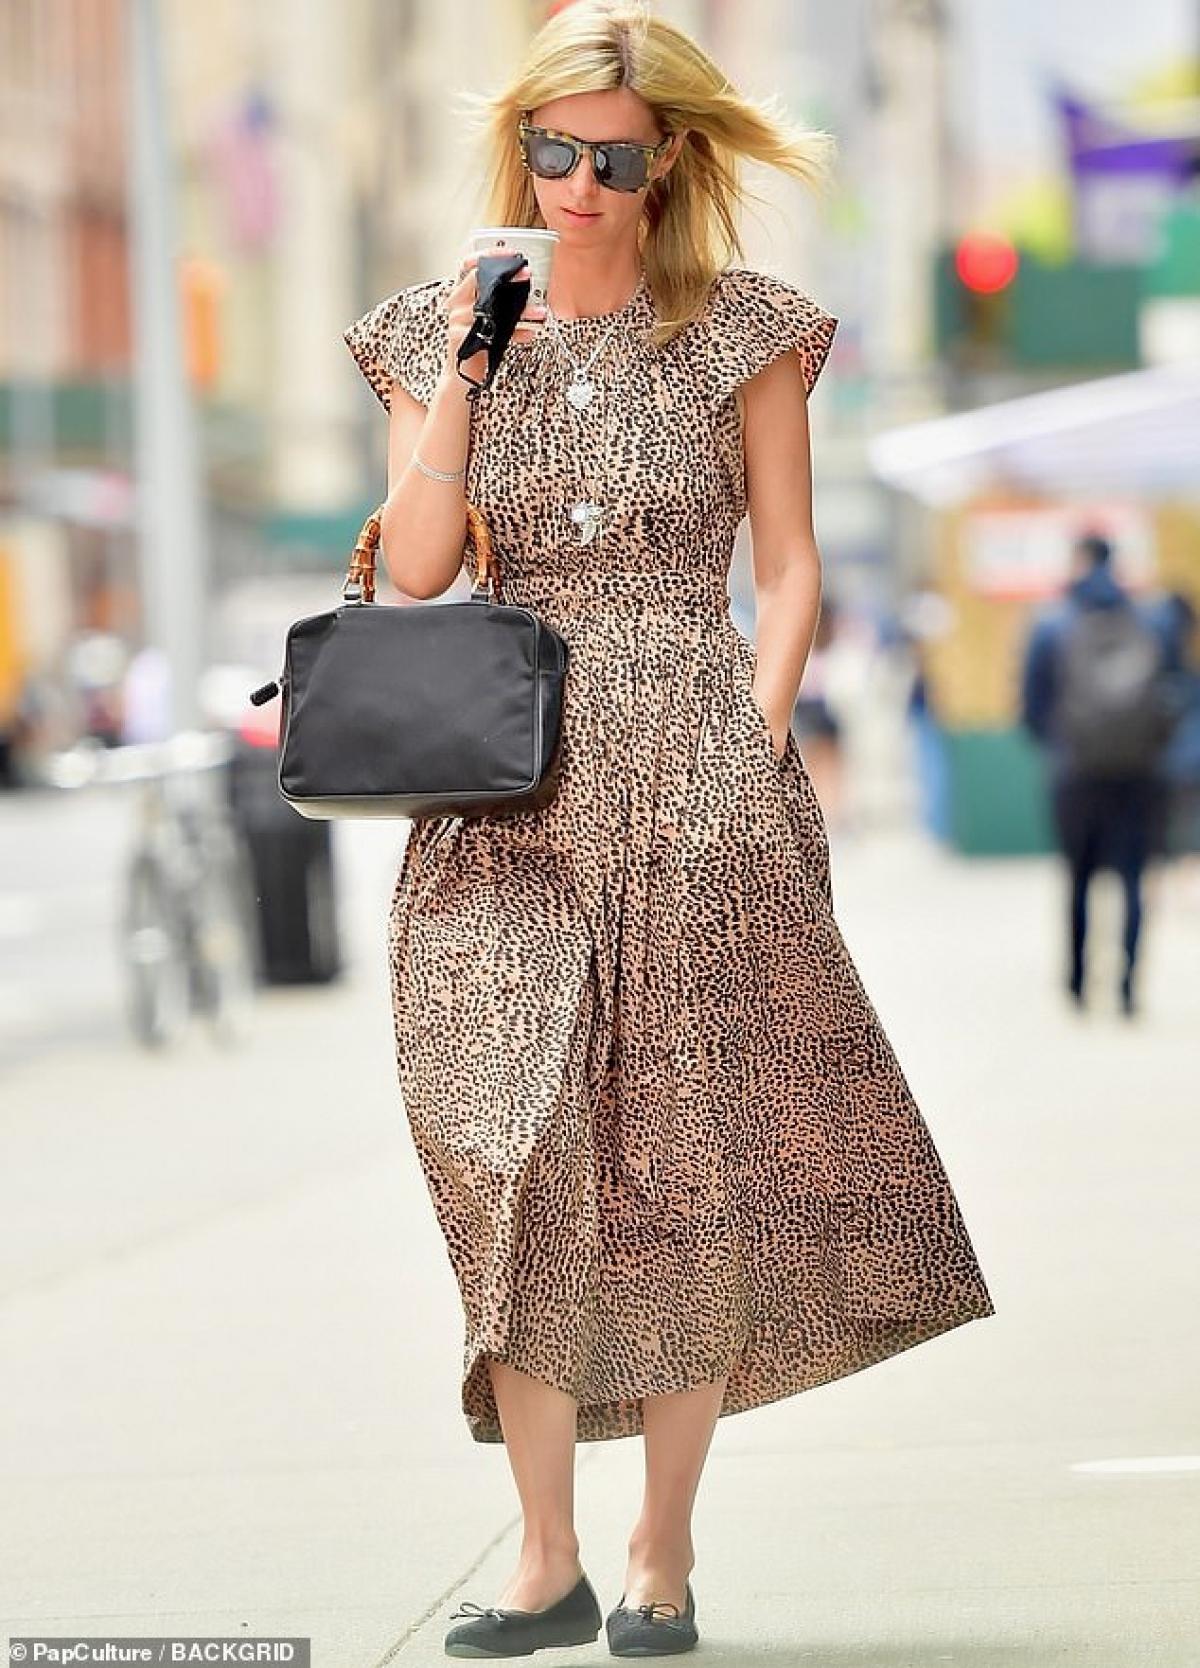 Em gái Paris Hilton thưởng thức cafe nóng hổi khi đi dạo phố Ảnh 3